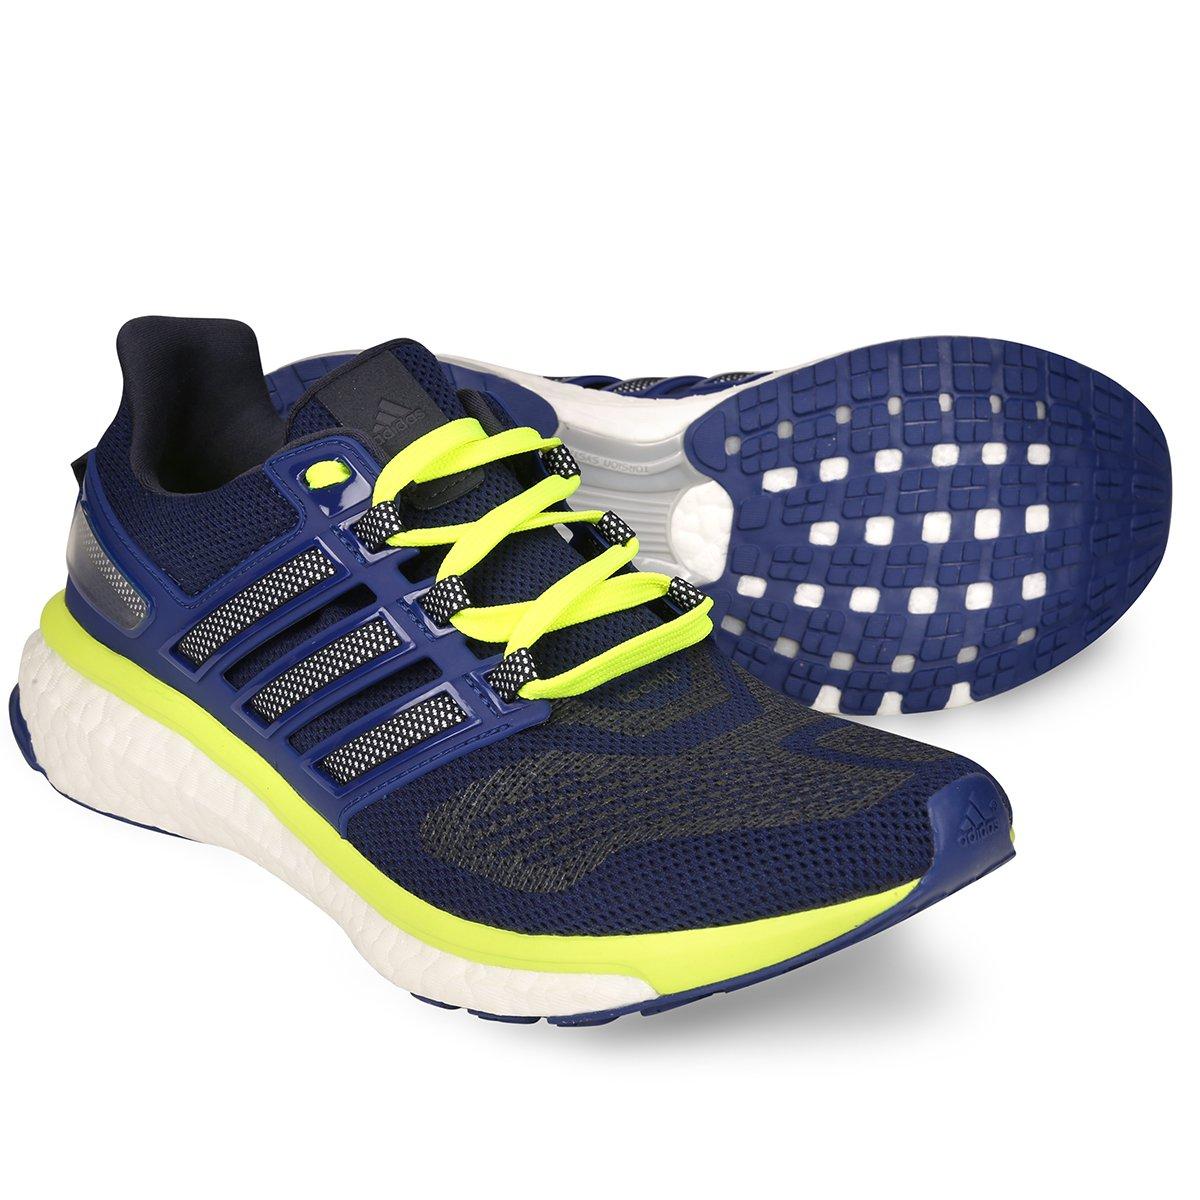 Tênis Adidas Energy Boost 3 Masculino - Marinho e Verde - Compre ... ee5b5139a66f7